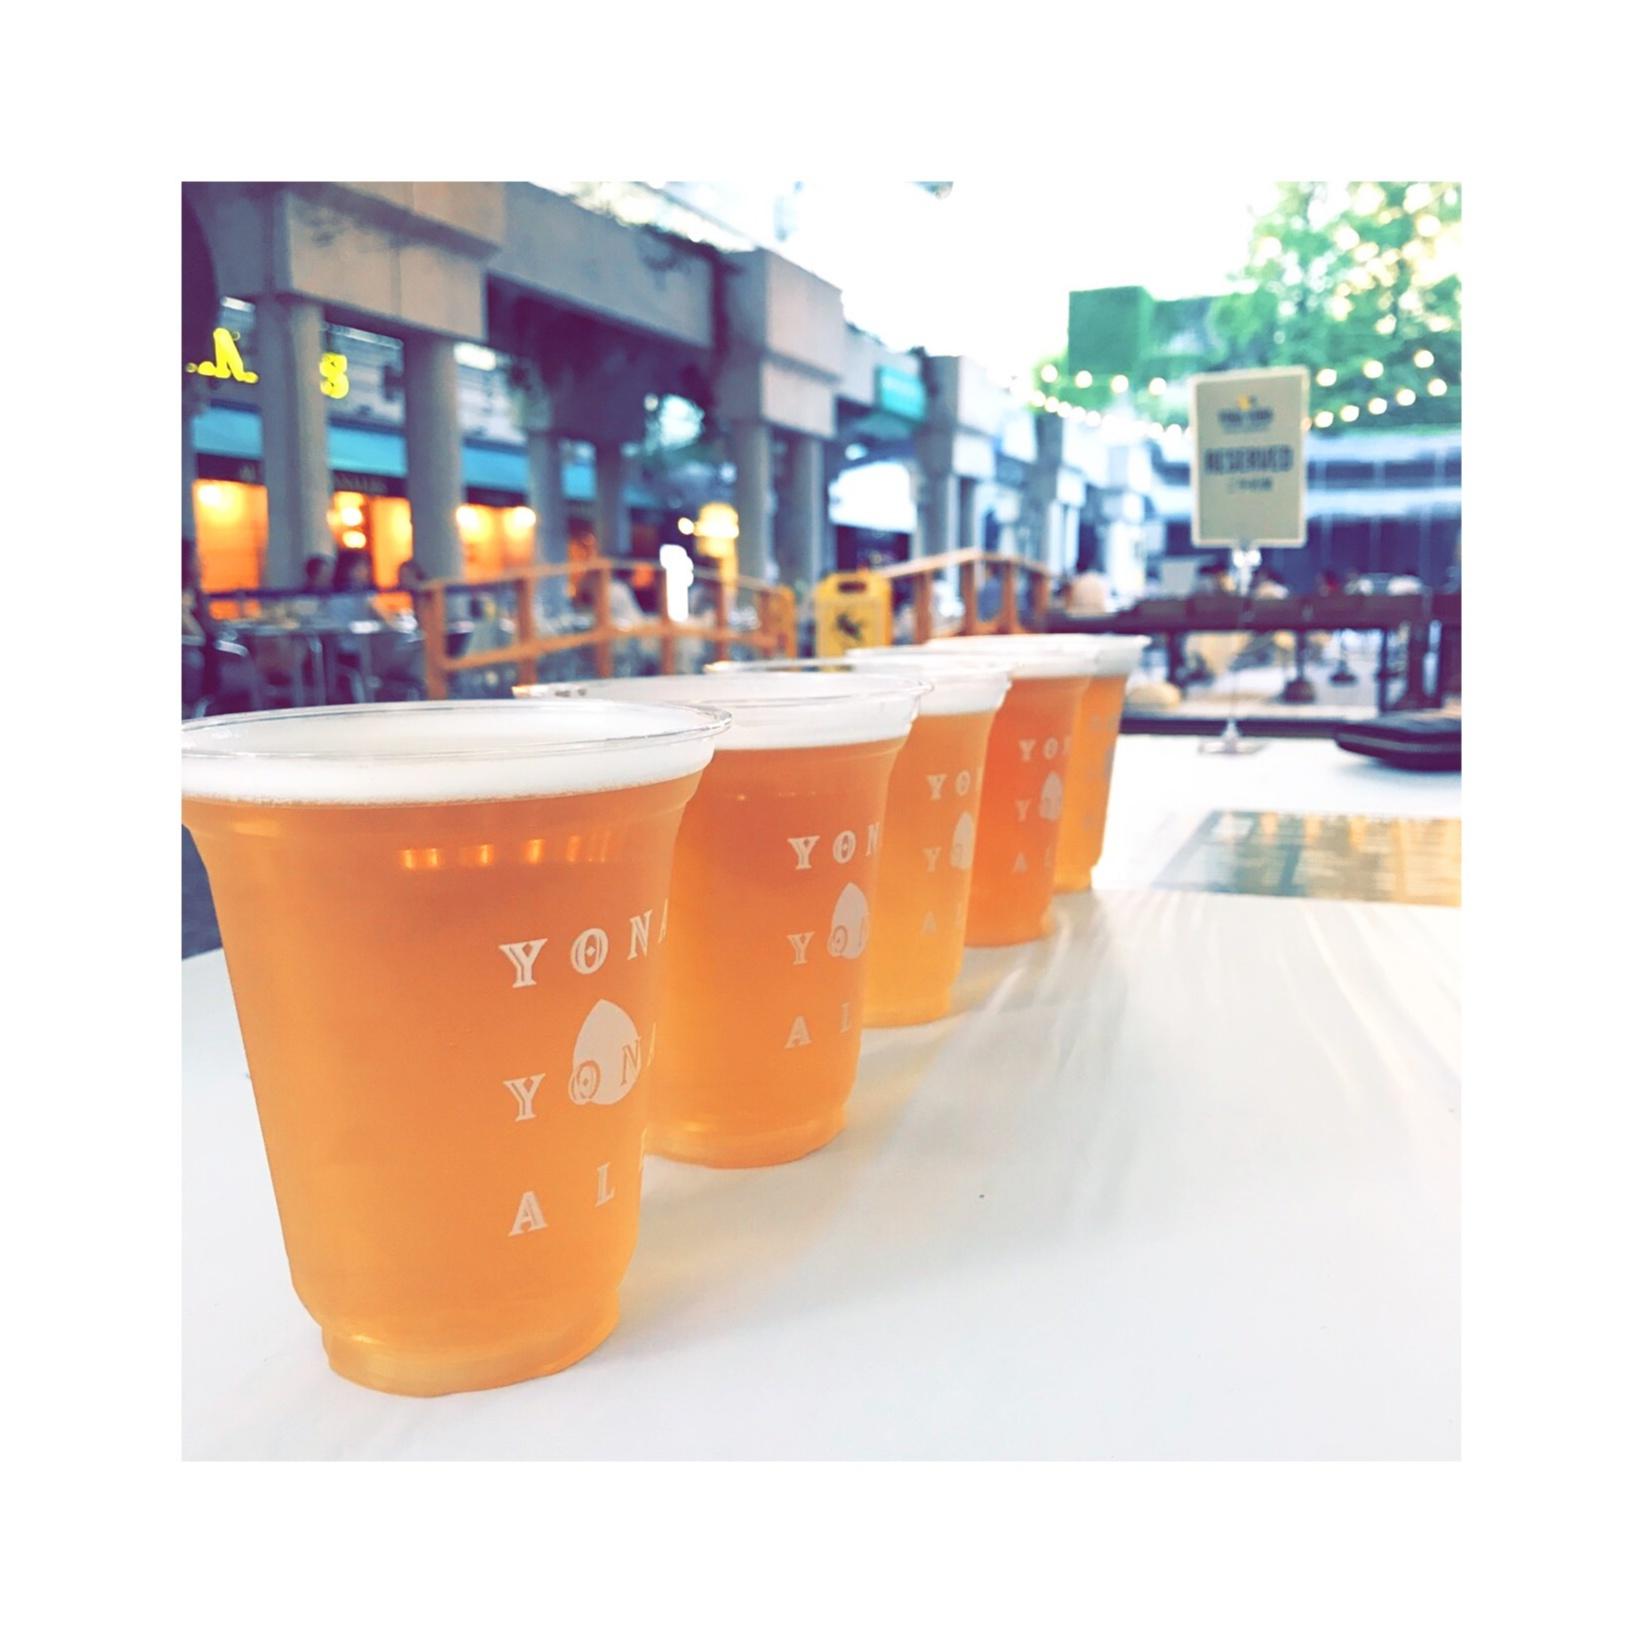 《インスタ映え★フォトジェニック❤️》【ビアガ女子会】YONA YONA BEER GARDEN♡インスタ投稿で1杯無料キャンペーンも!_2